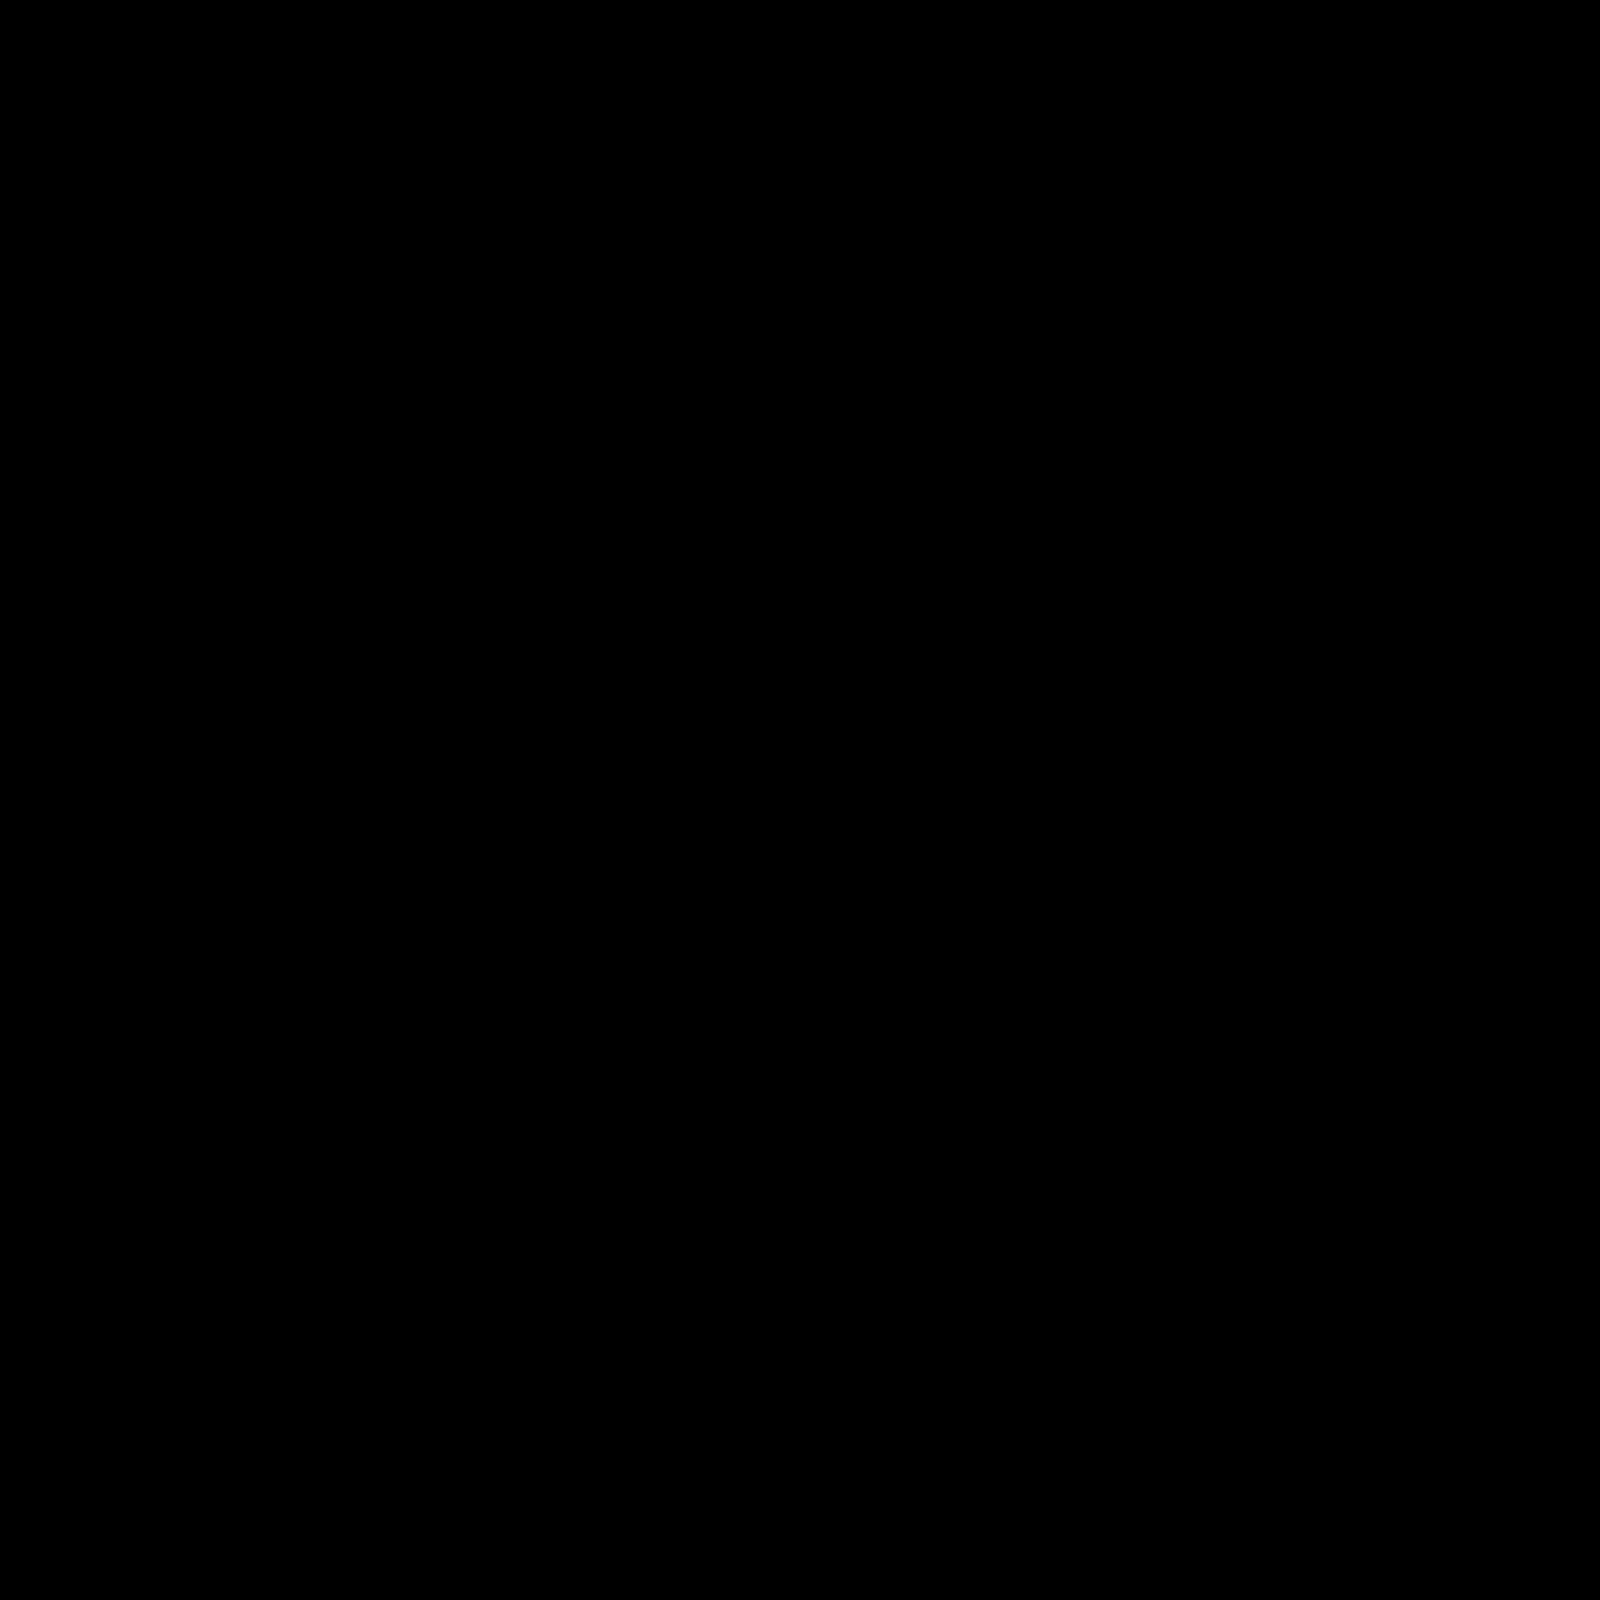 酸奶 icon